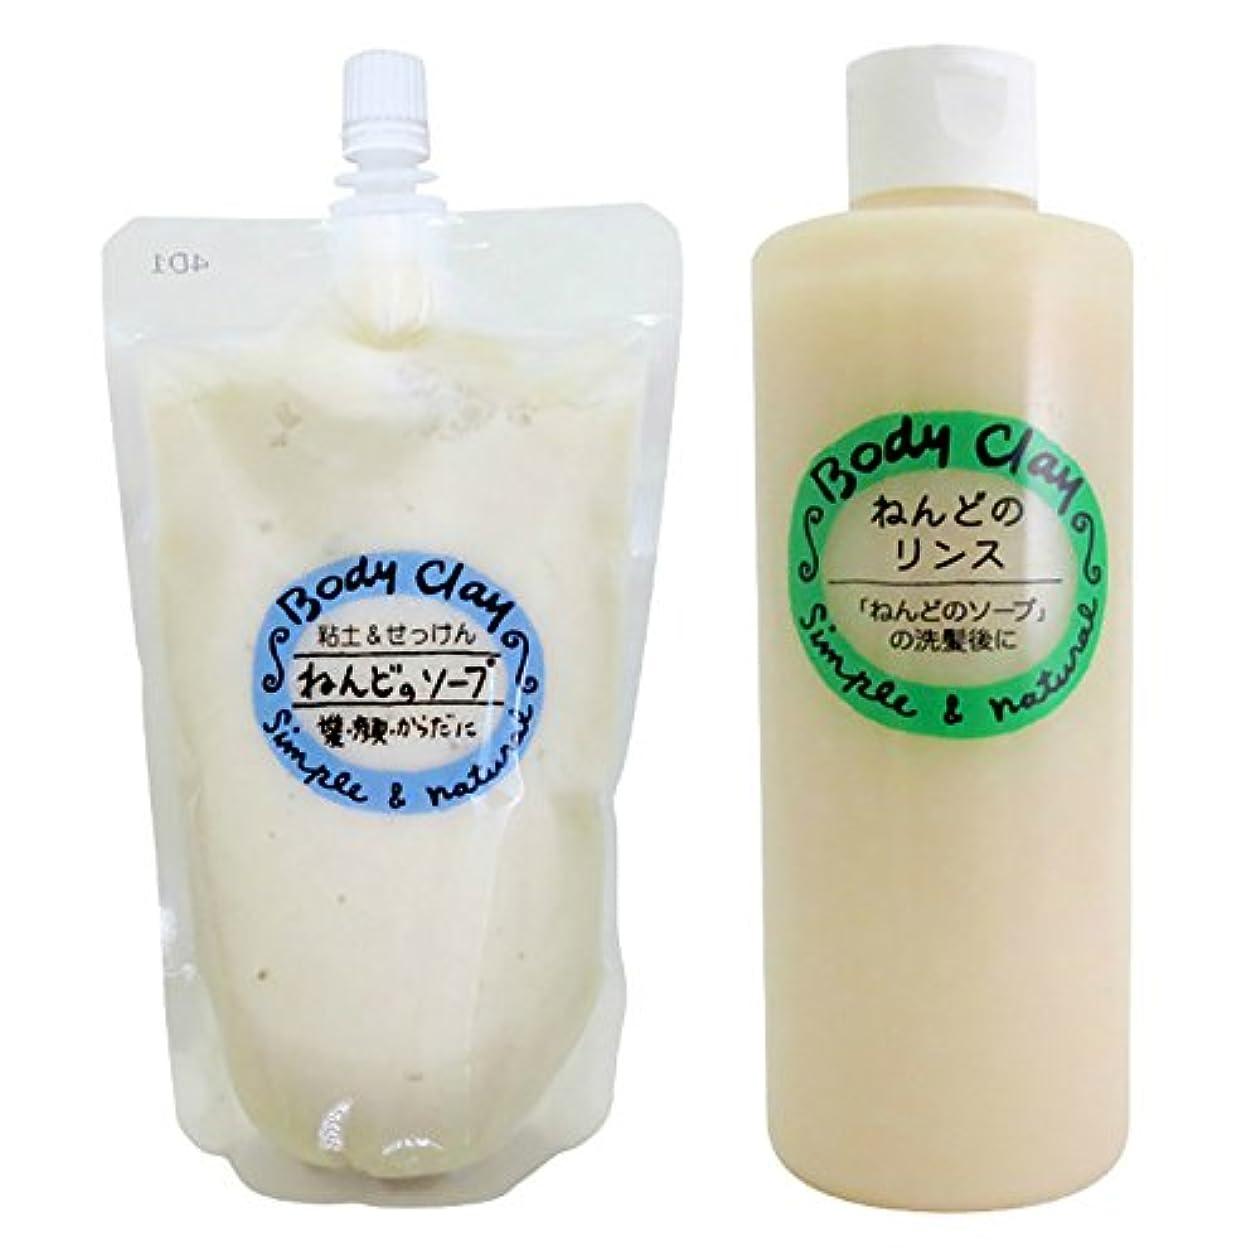 サイレント慢性的増加するボディクレイ 洗髪2点セット(ねんどのソープ300g?ねんどのリンス300g)